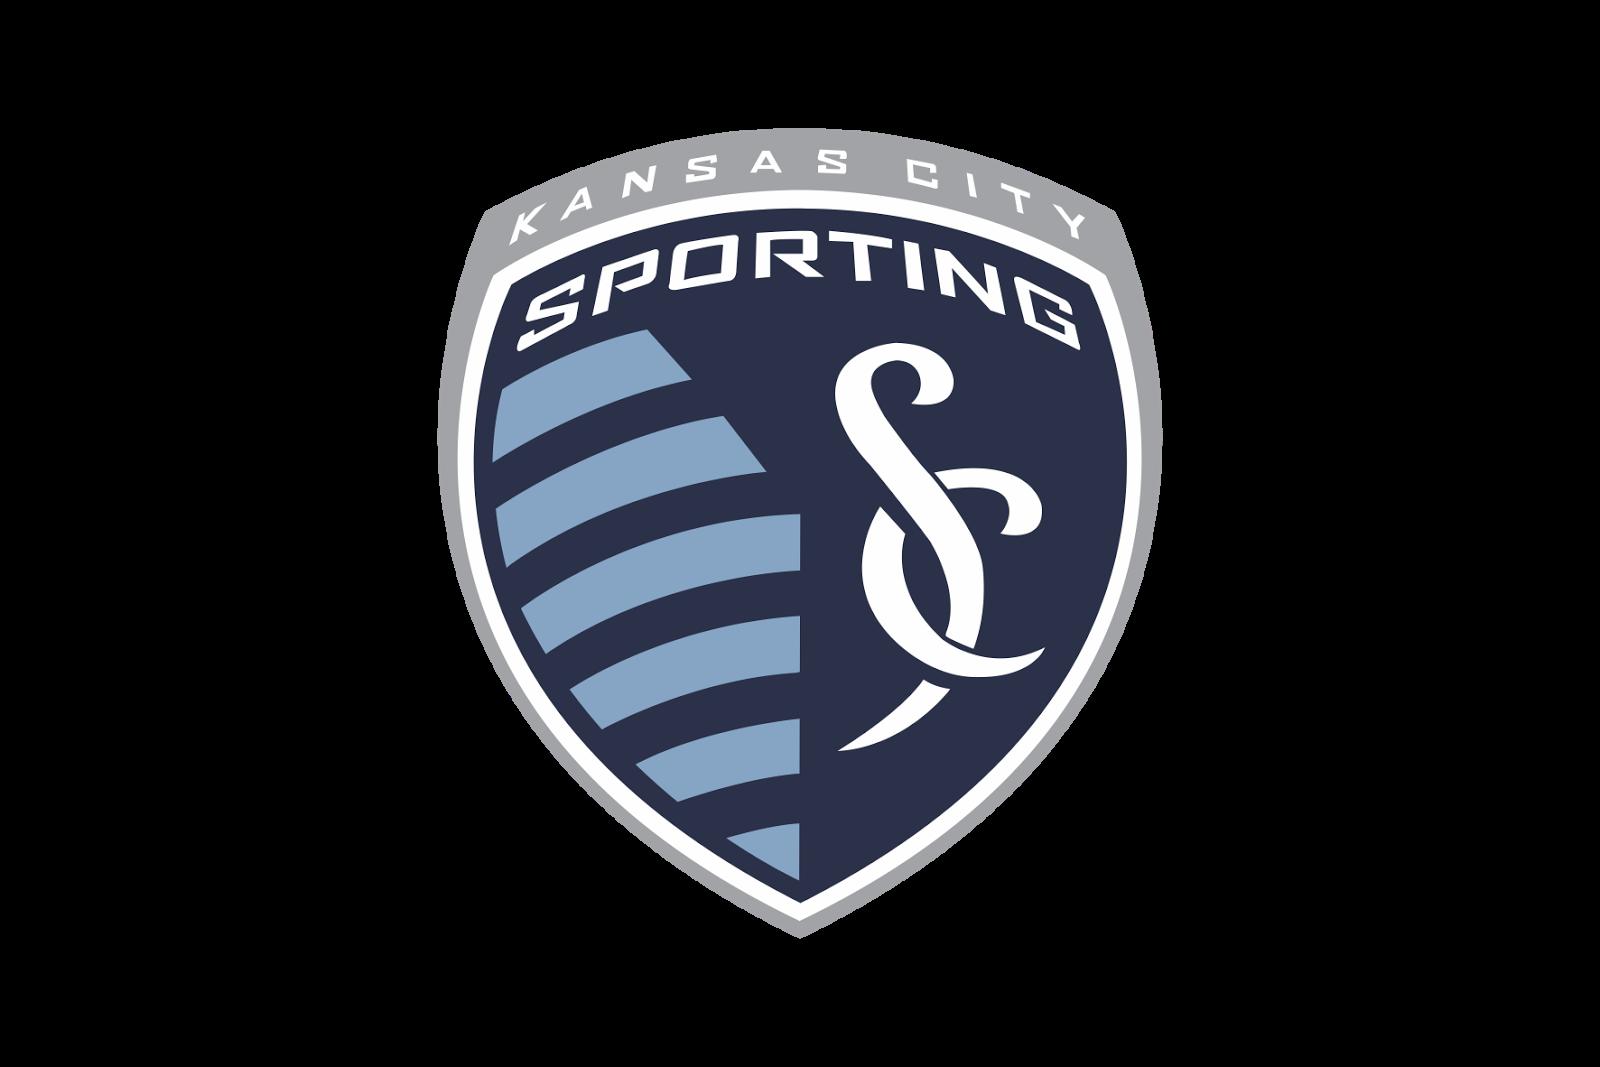 Logo Sporting Kansas City PNG-PlusPNG.com-1600 - Logo Sporting Kansas City PNG